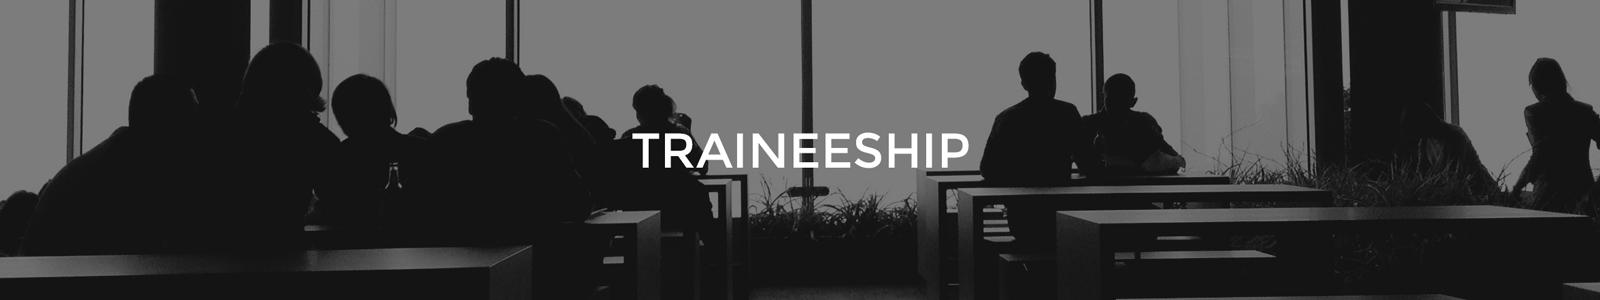 ErasmusManager - Mobilità per traineeship